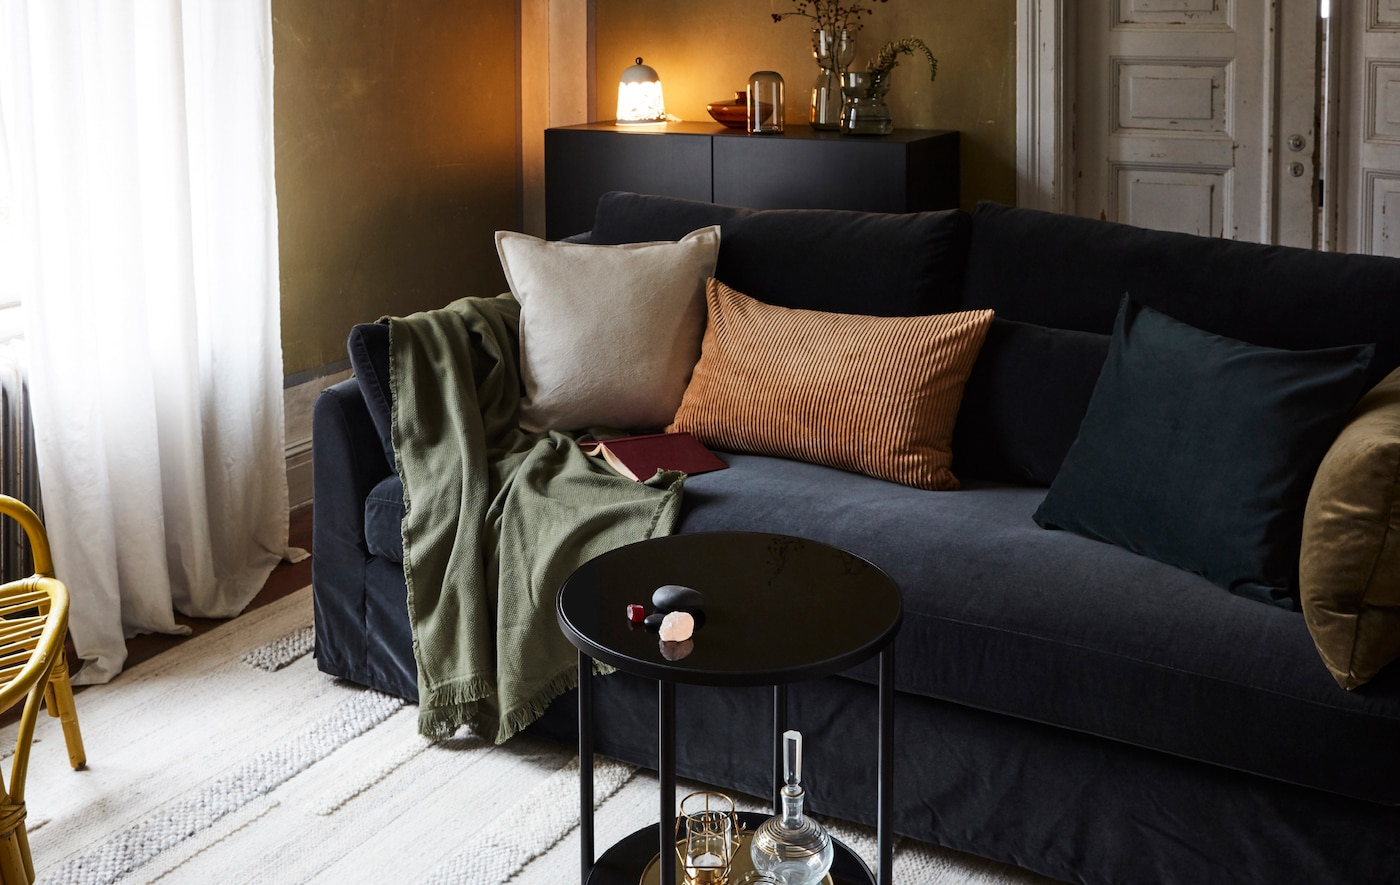 Sala com um sofá, almofadas, manta, tapete, mesa pequena, um aparador com um candeeiro, jarras e uma poltrona em rota.